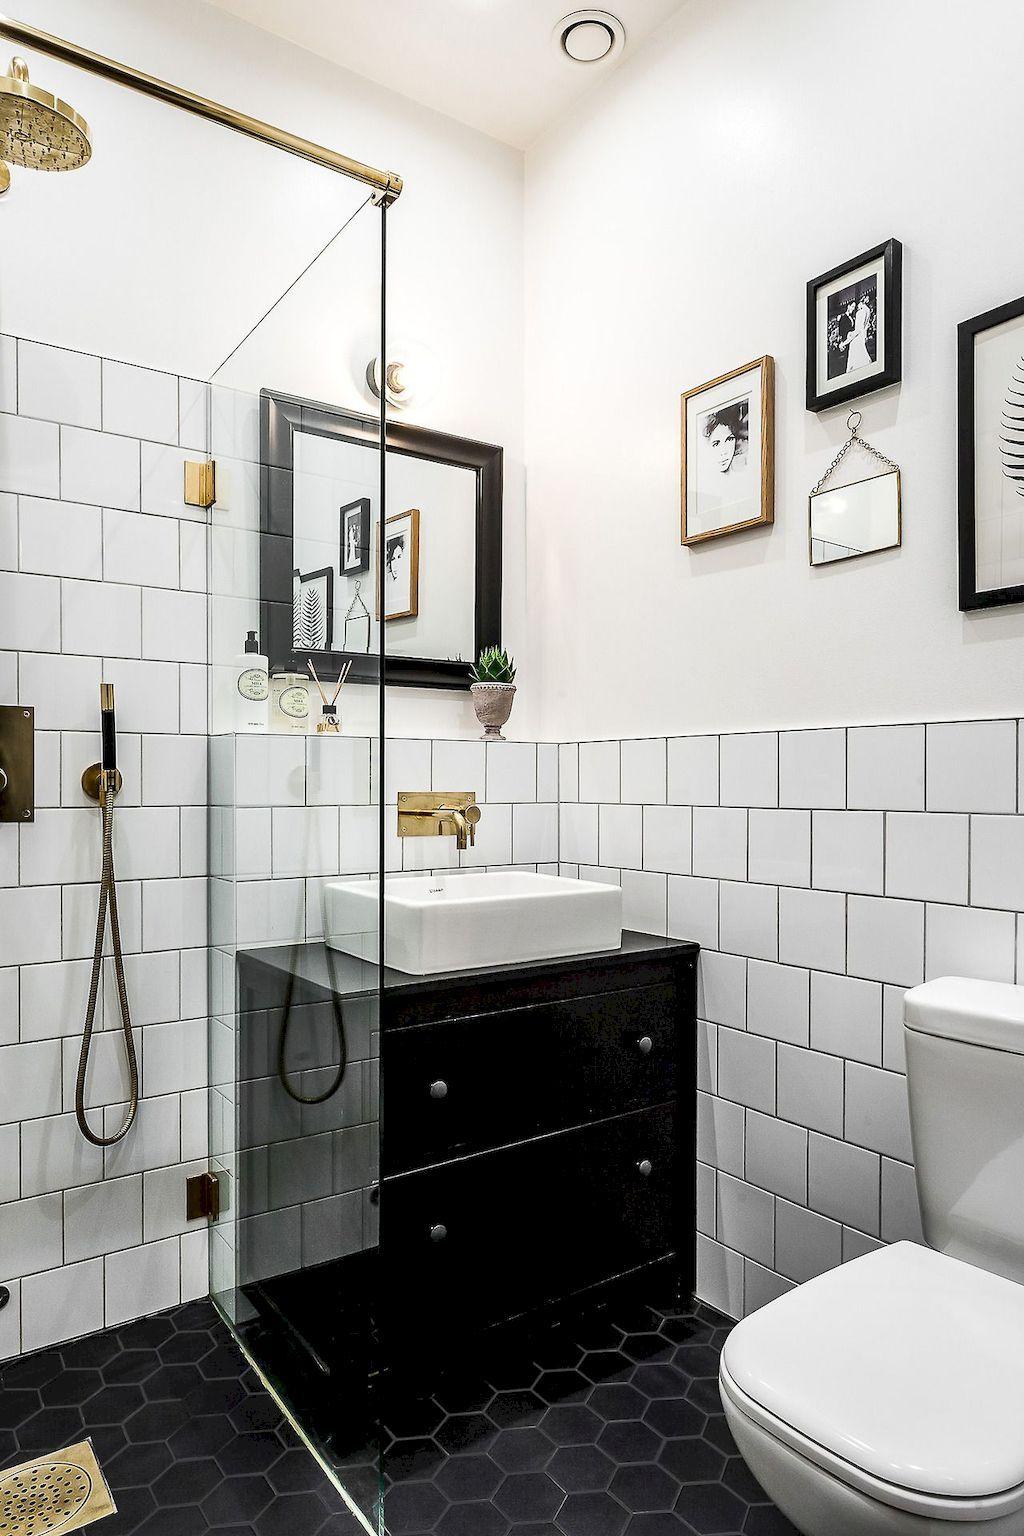 100 Awesome Scandinavian Bathroom Ideas https://carrebianhome.com ...